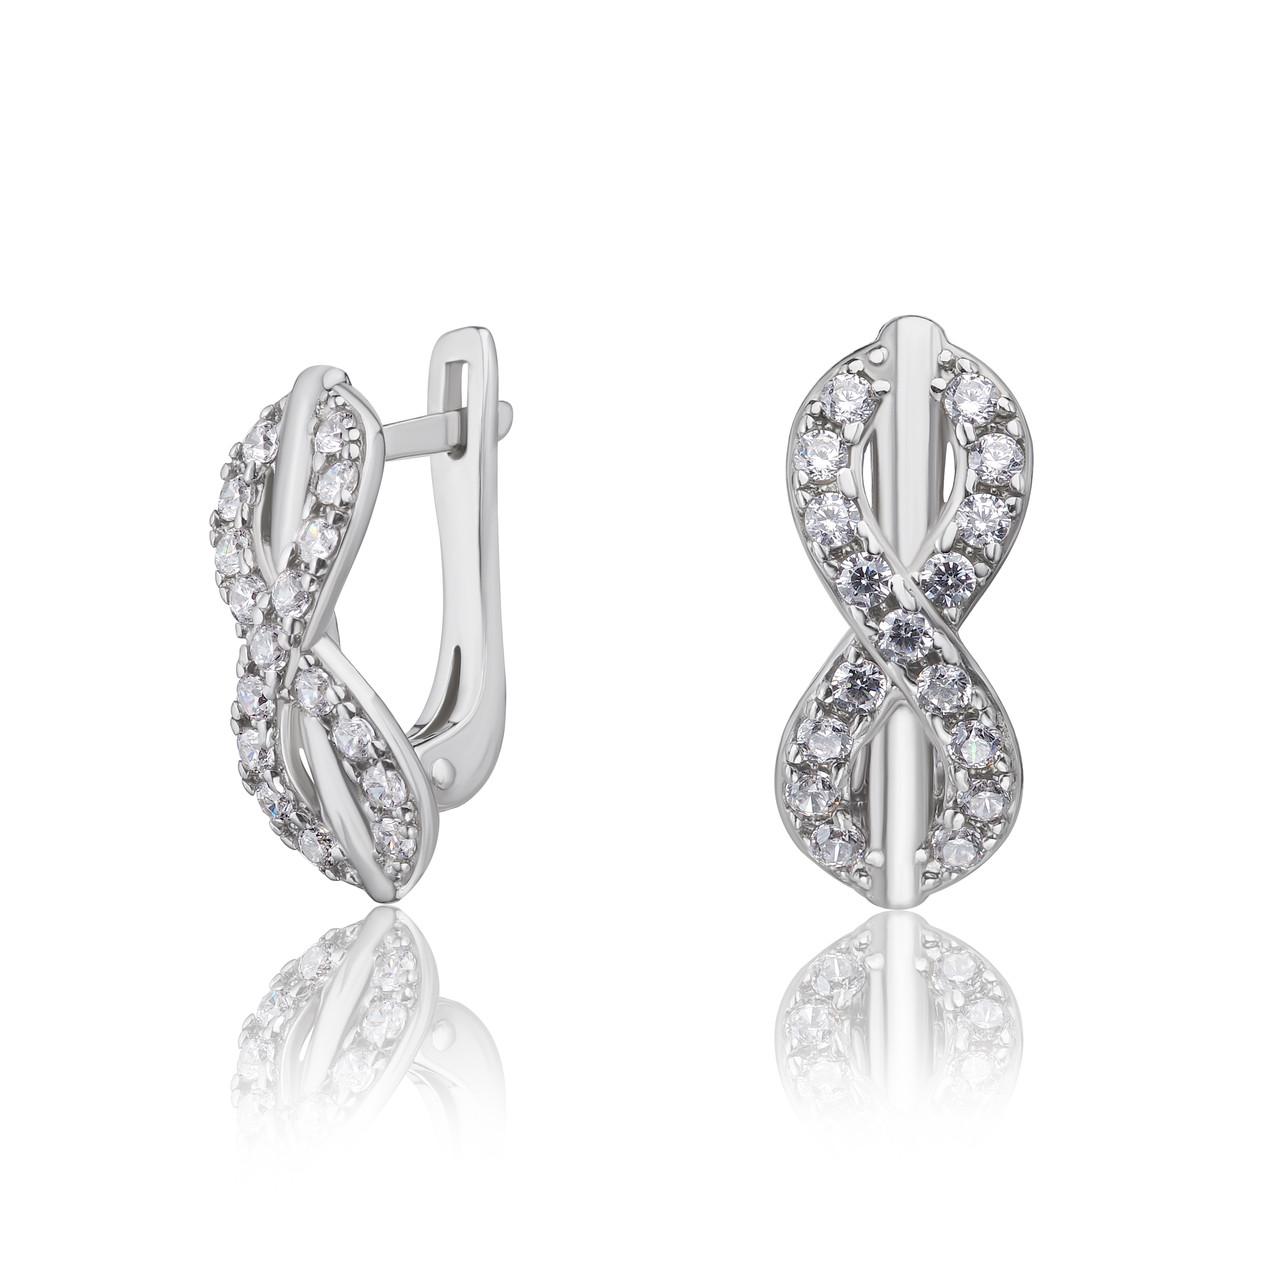 """Срібні сережки з фіанітами """"Нескінченність"""", арт-920064б"""